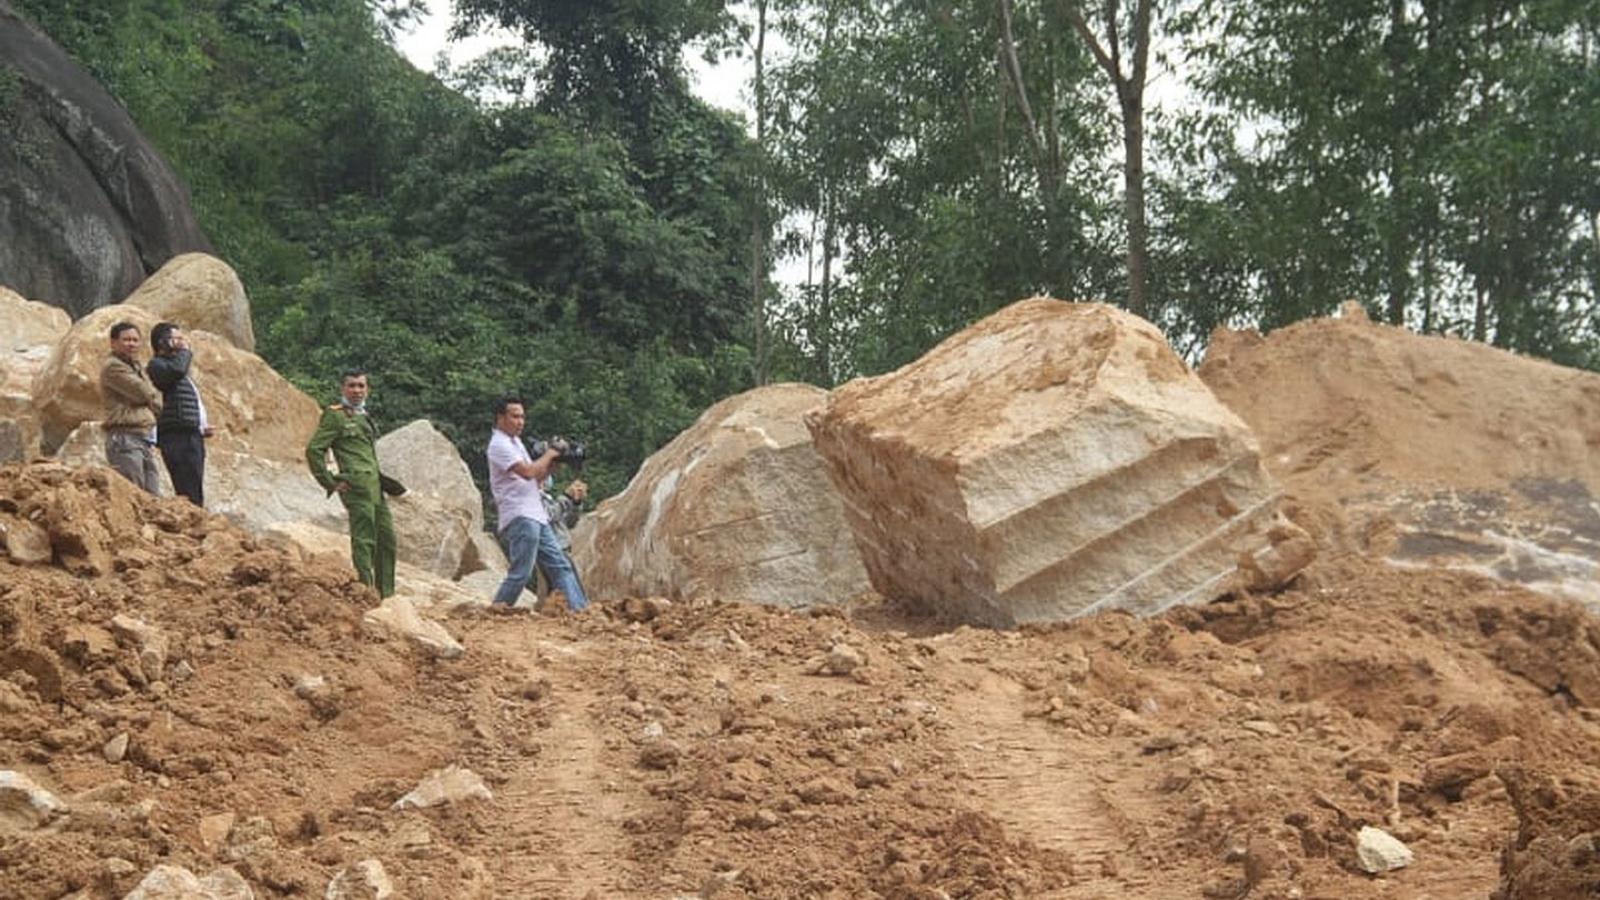 Xử lý nghiêm tình trạng khai thác đá trái phép trên núi Hòn Chà